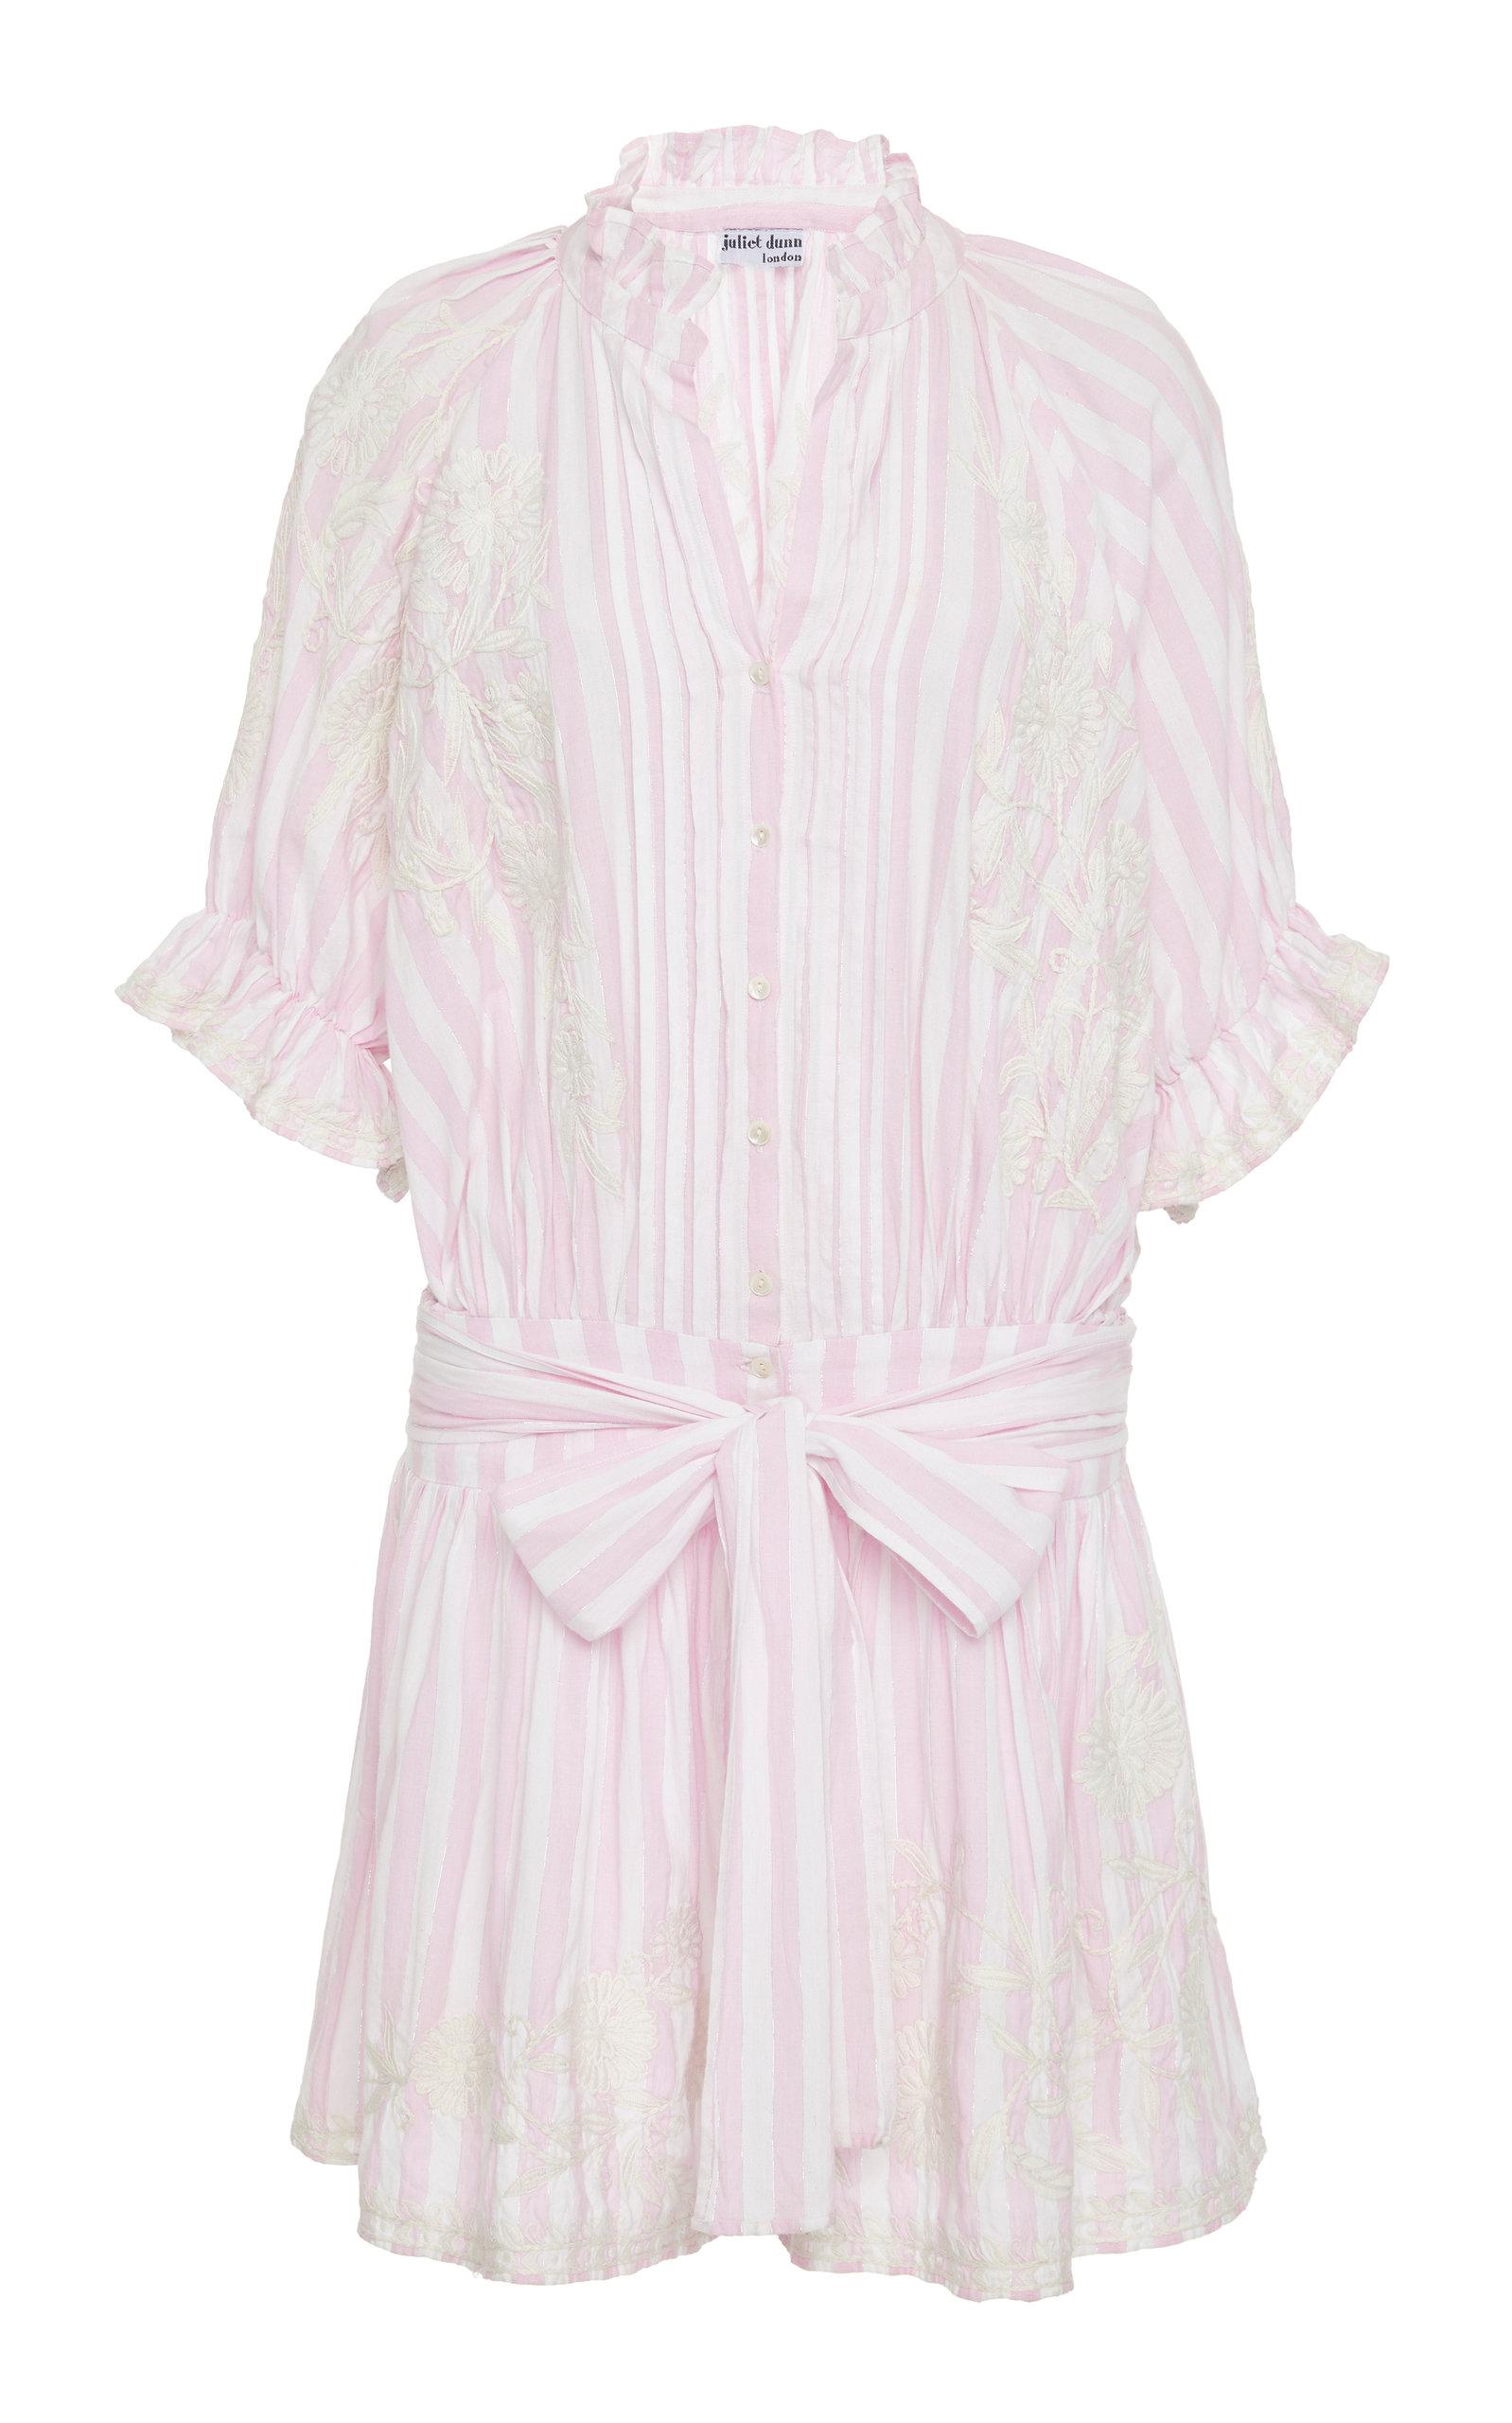 JULIET DUNN STRIPED COTTON BLOUSON DRESS